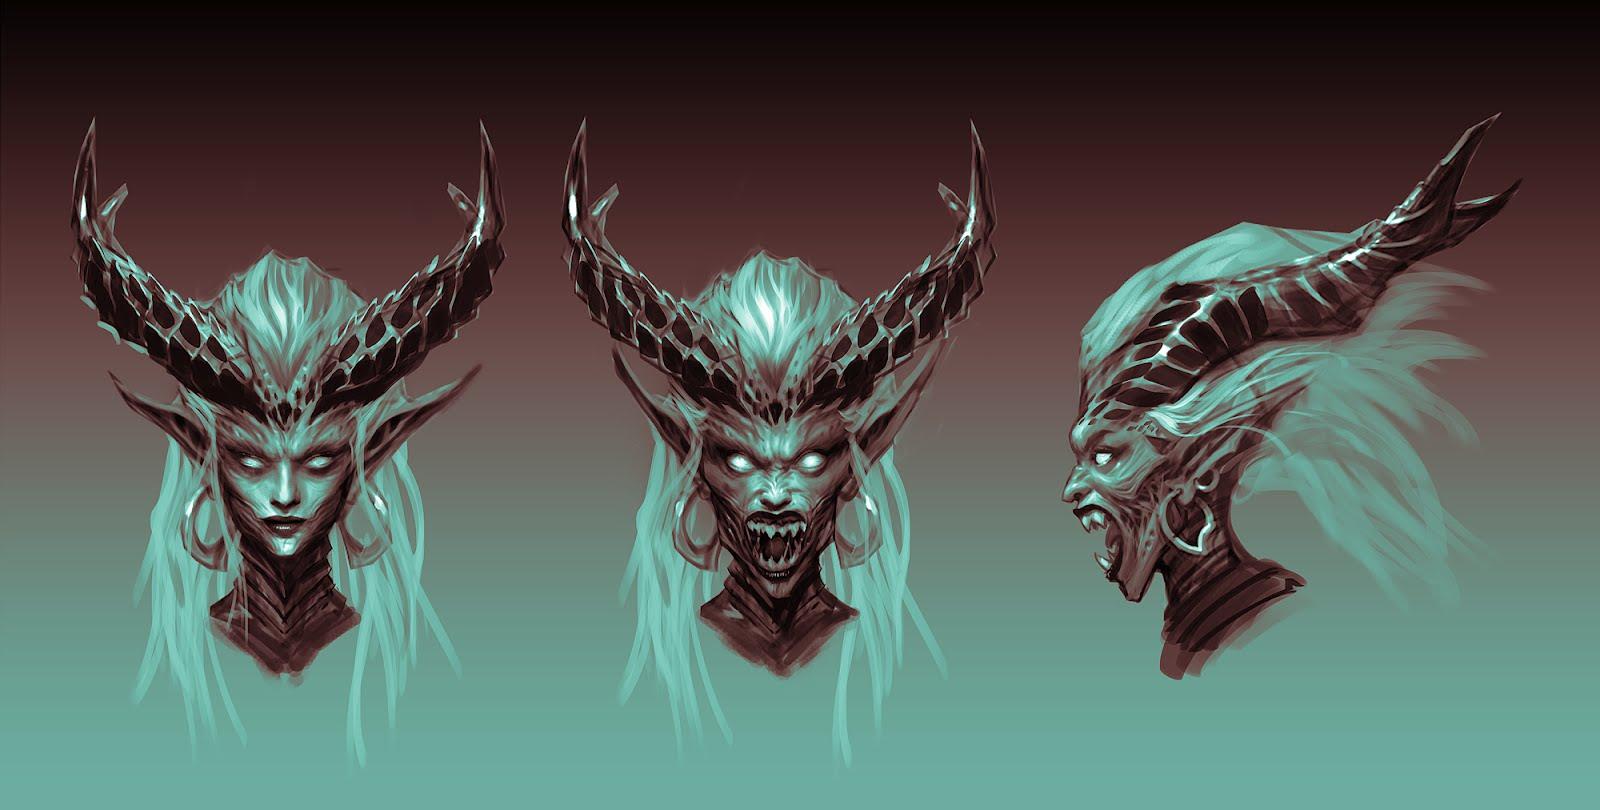 Cireisdead Sorcery Concept Art The Banshee